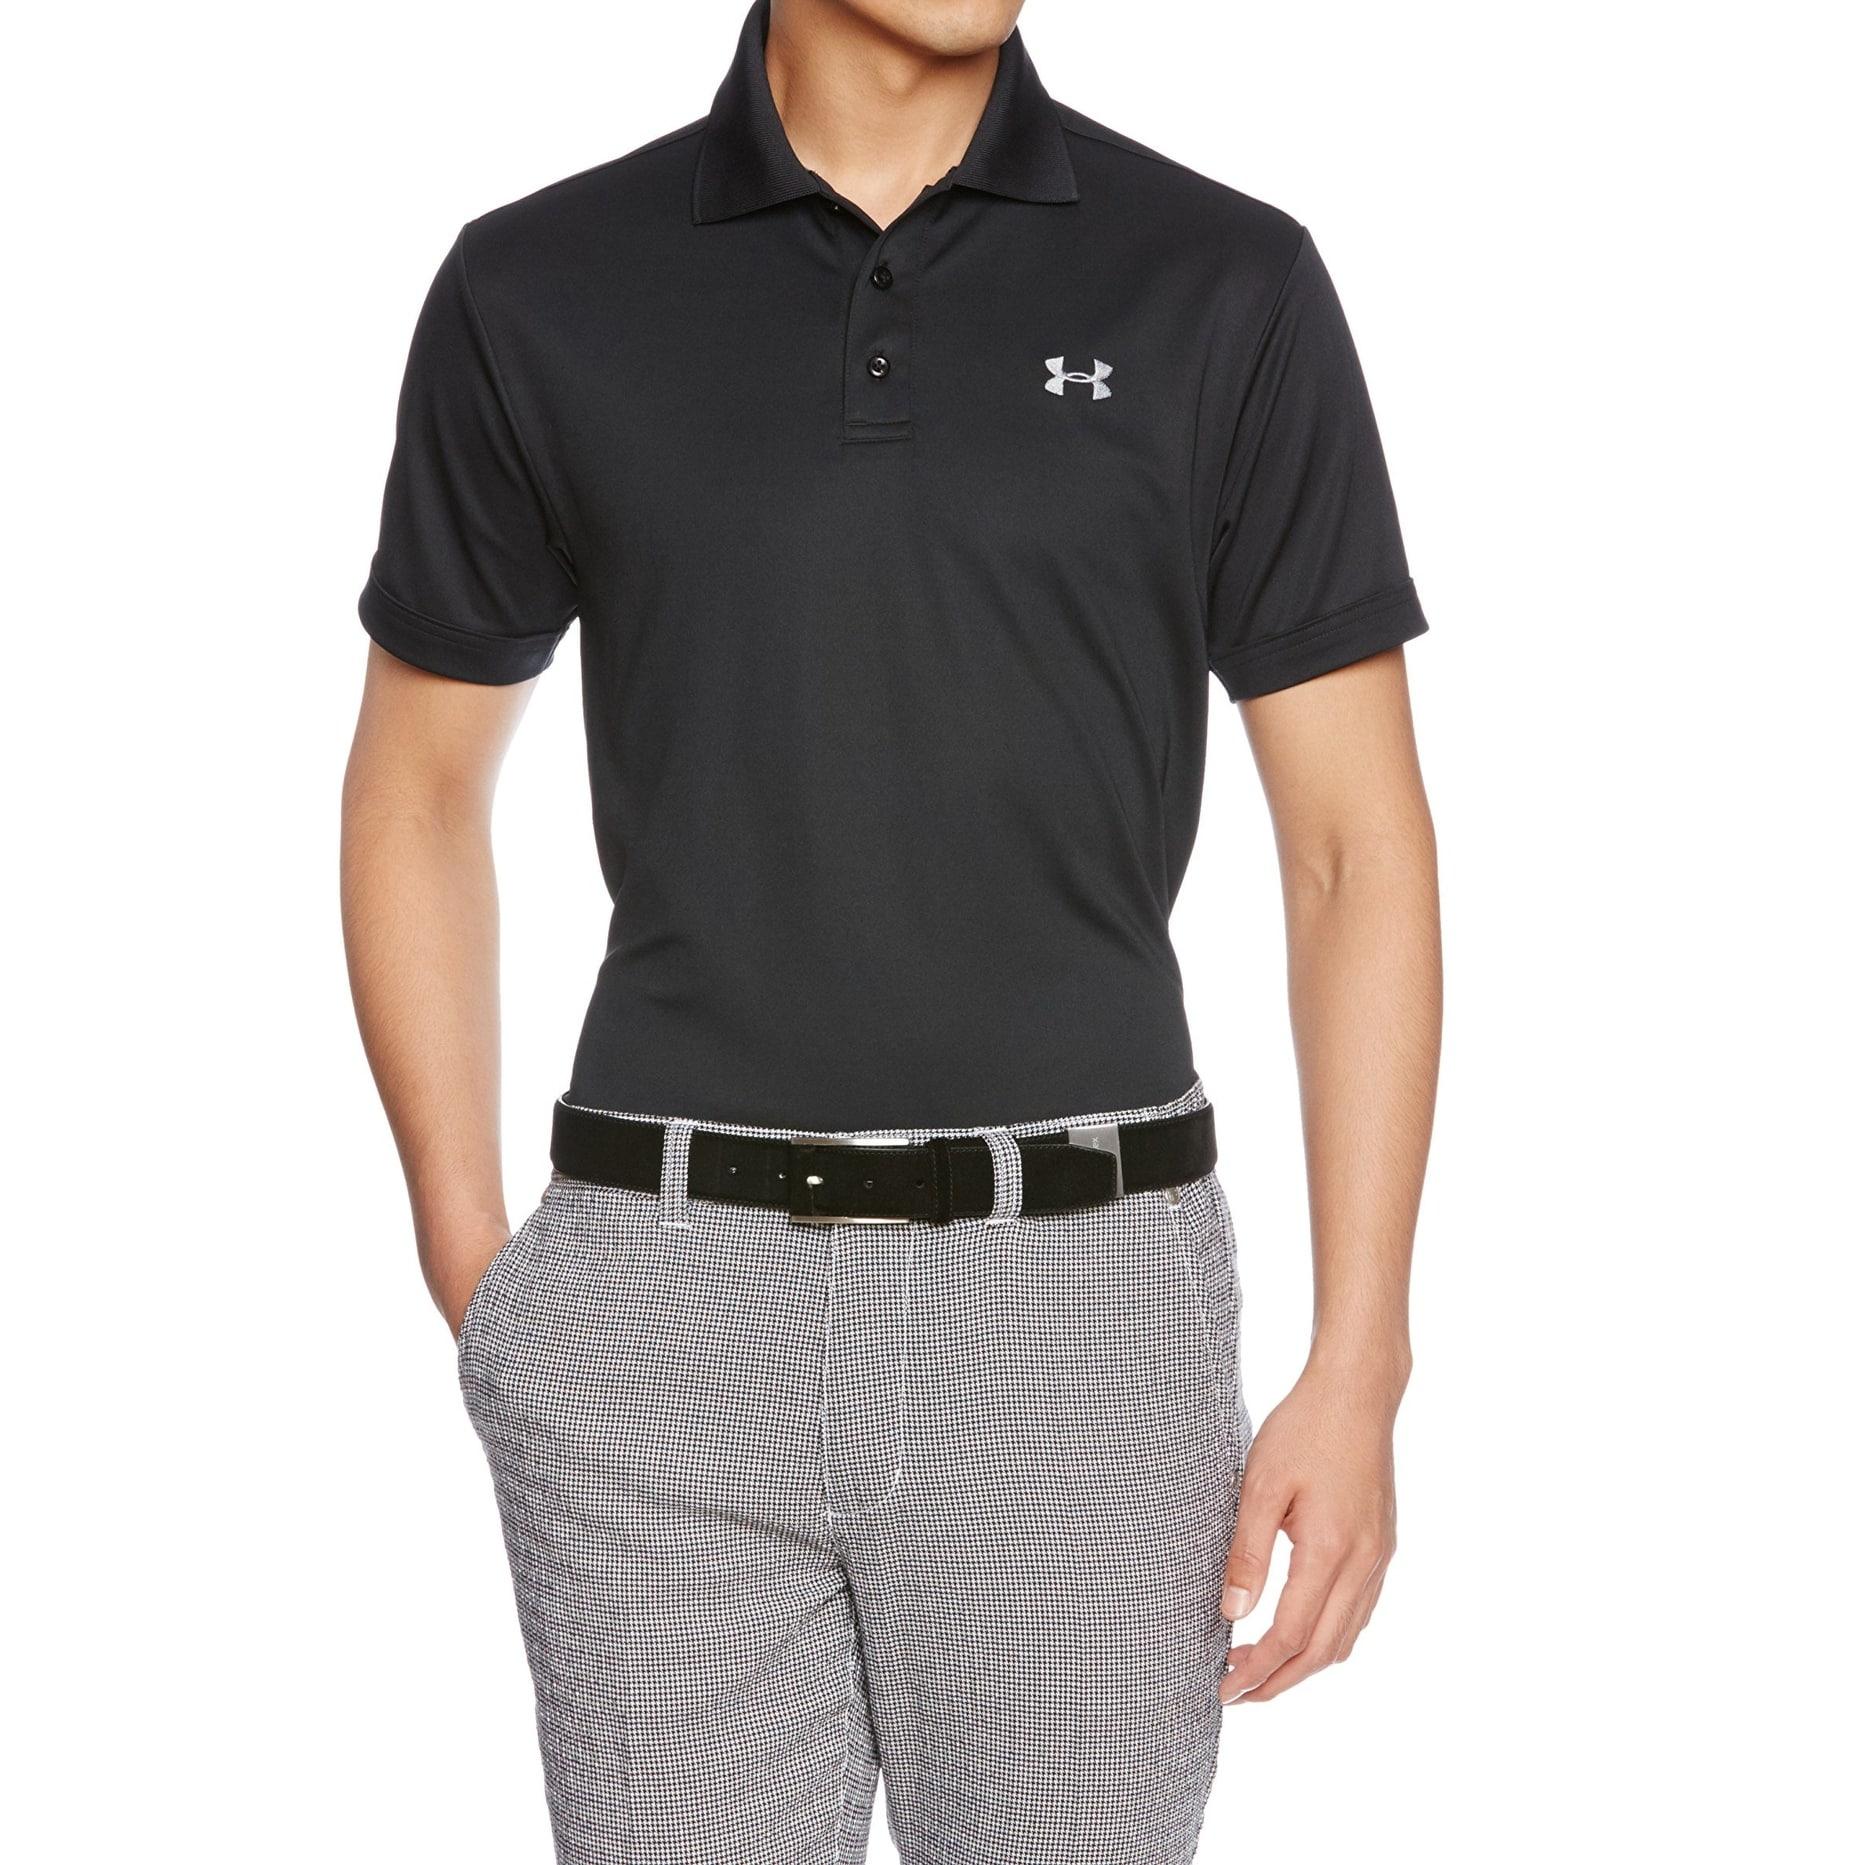 Antecedente Enriquecer pestaña  Under Armour Mens Shirt Black Size Medium M Loose Fit Polo Rugby -  Overstock - 30572591